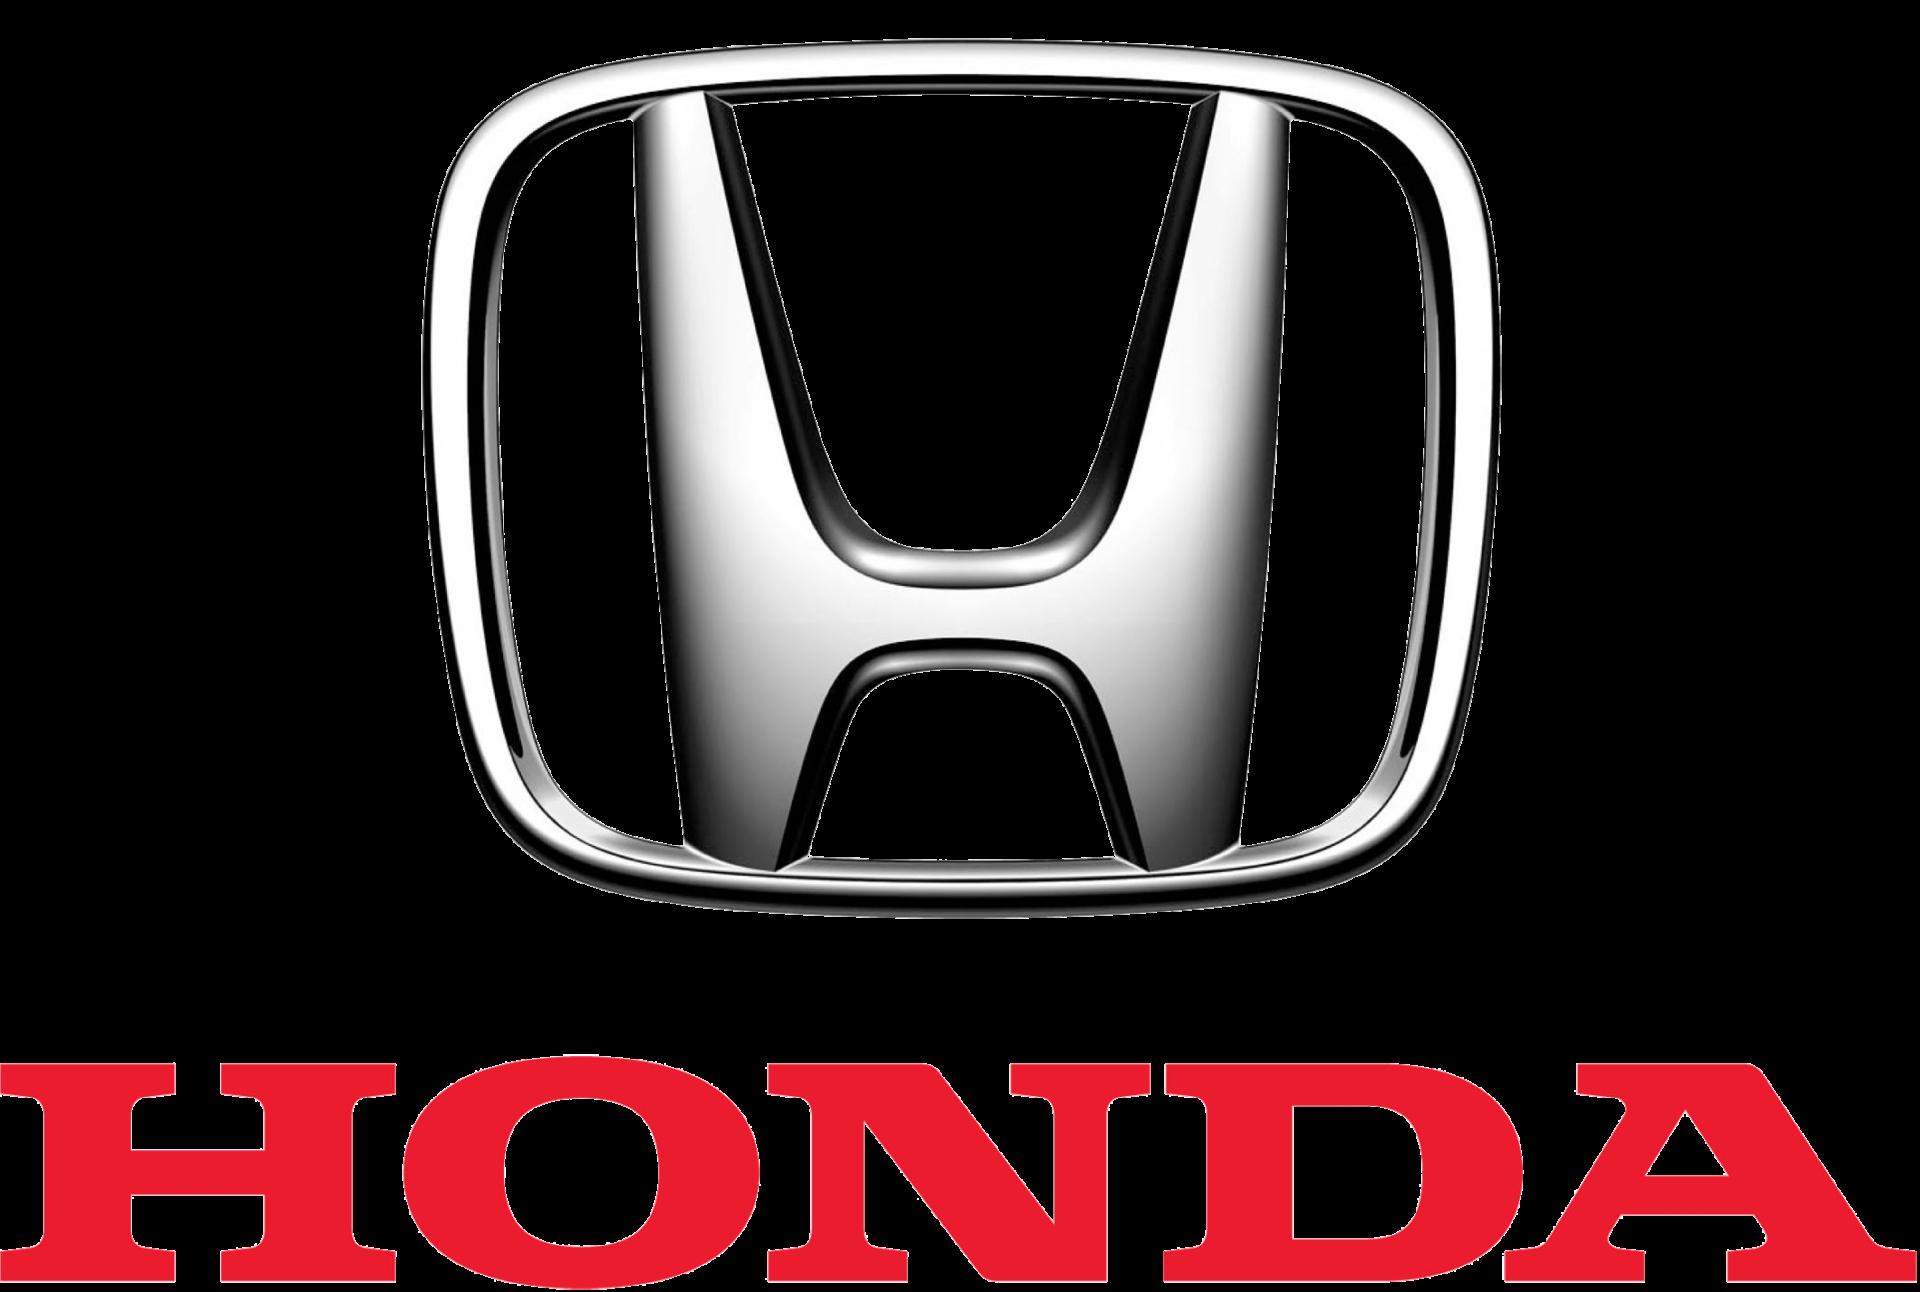 Basi sedile Honda